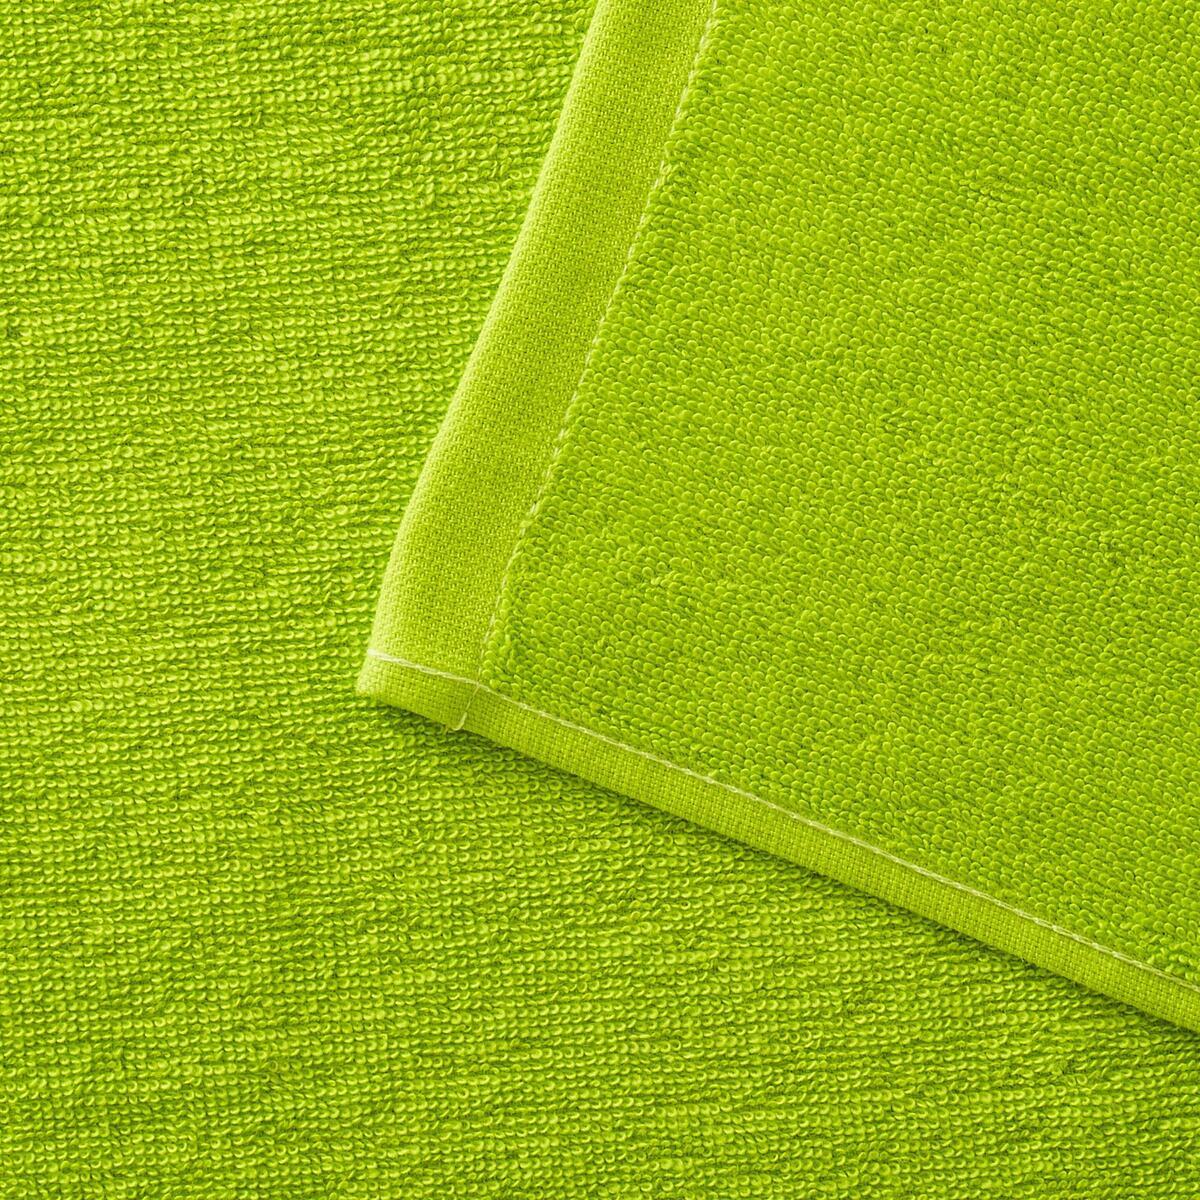 Bild 3 von Strandhandtuch Basic L 145 נ85 cm grün